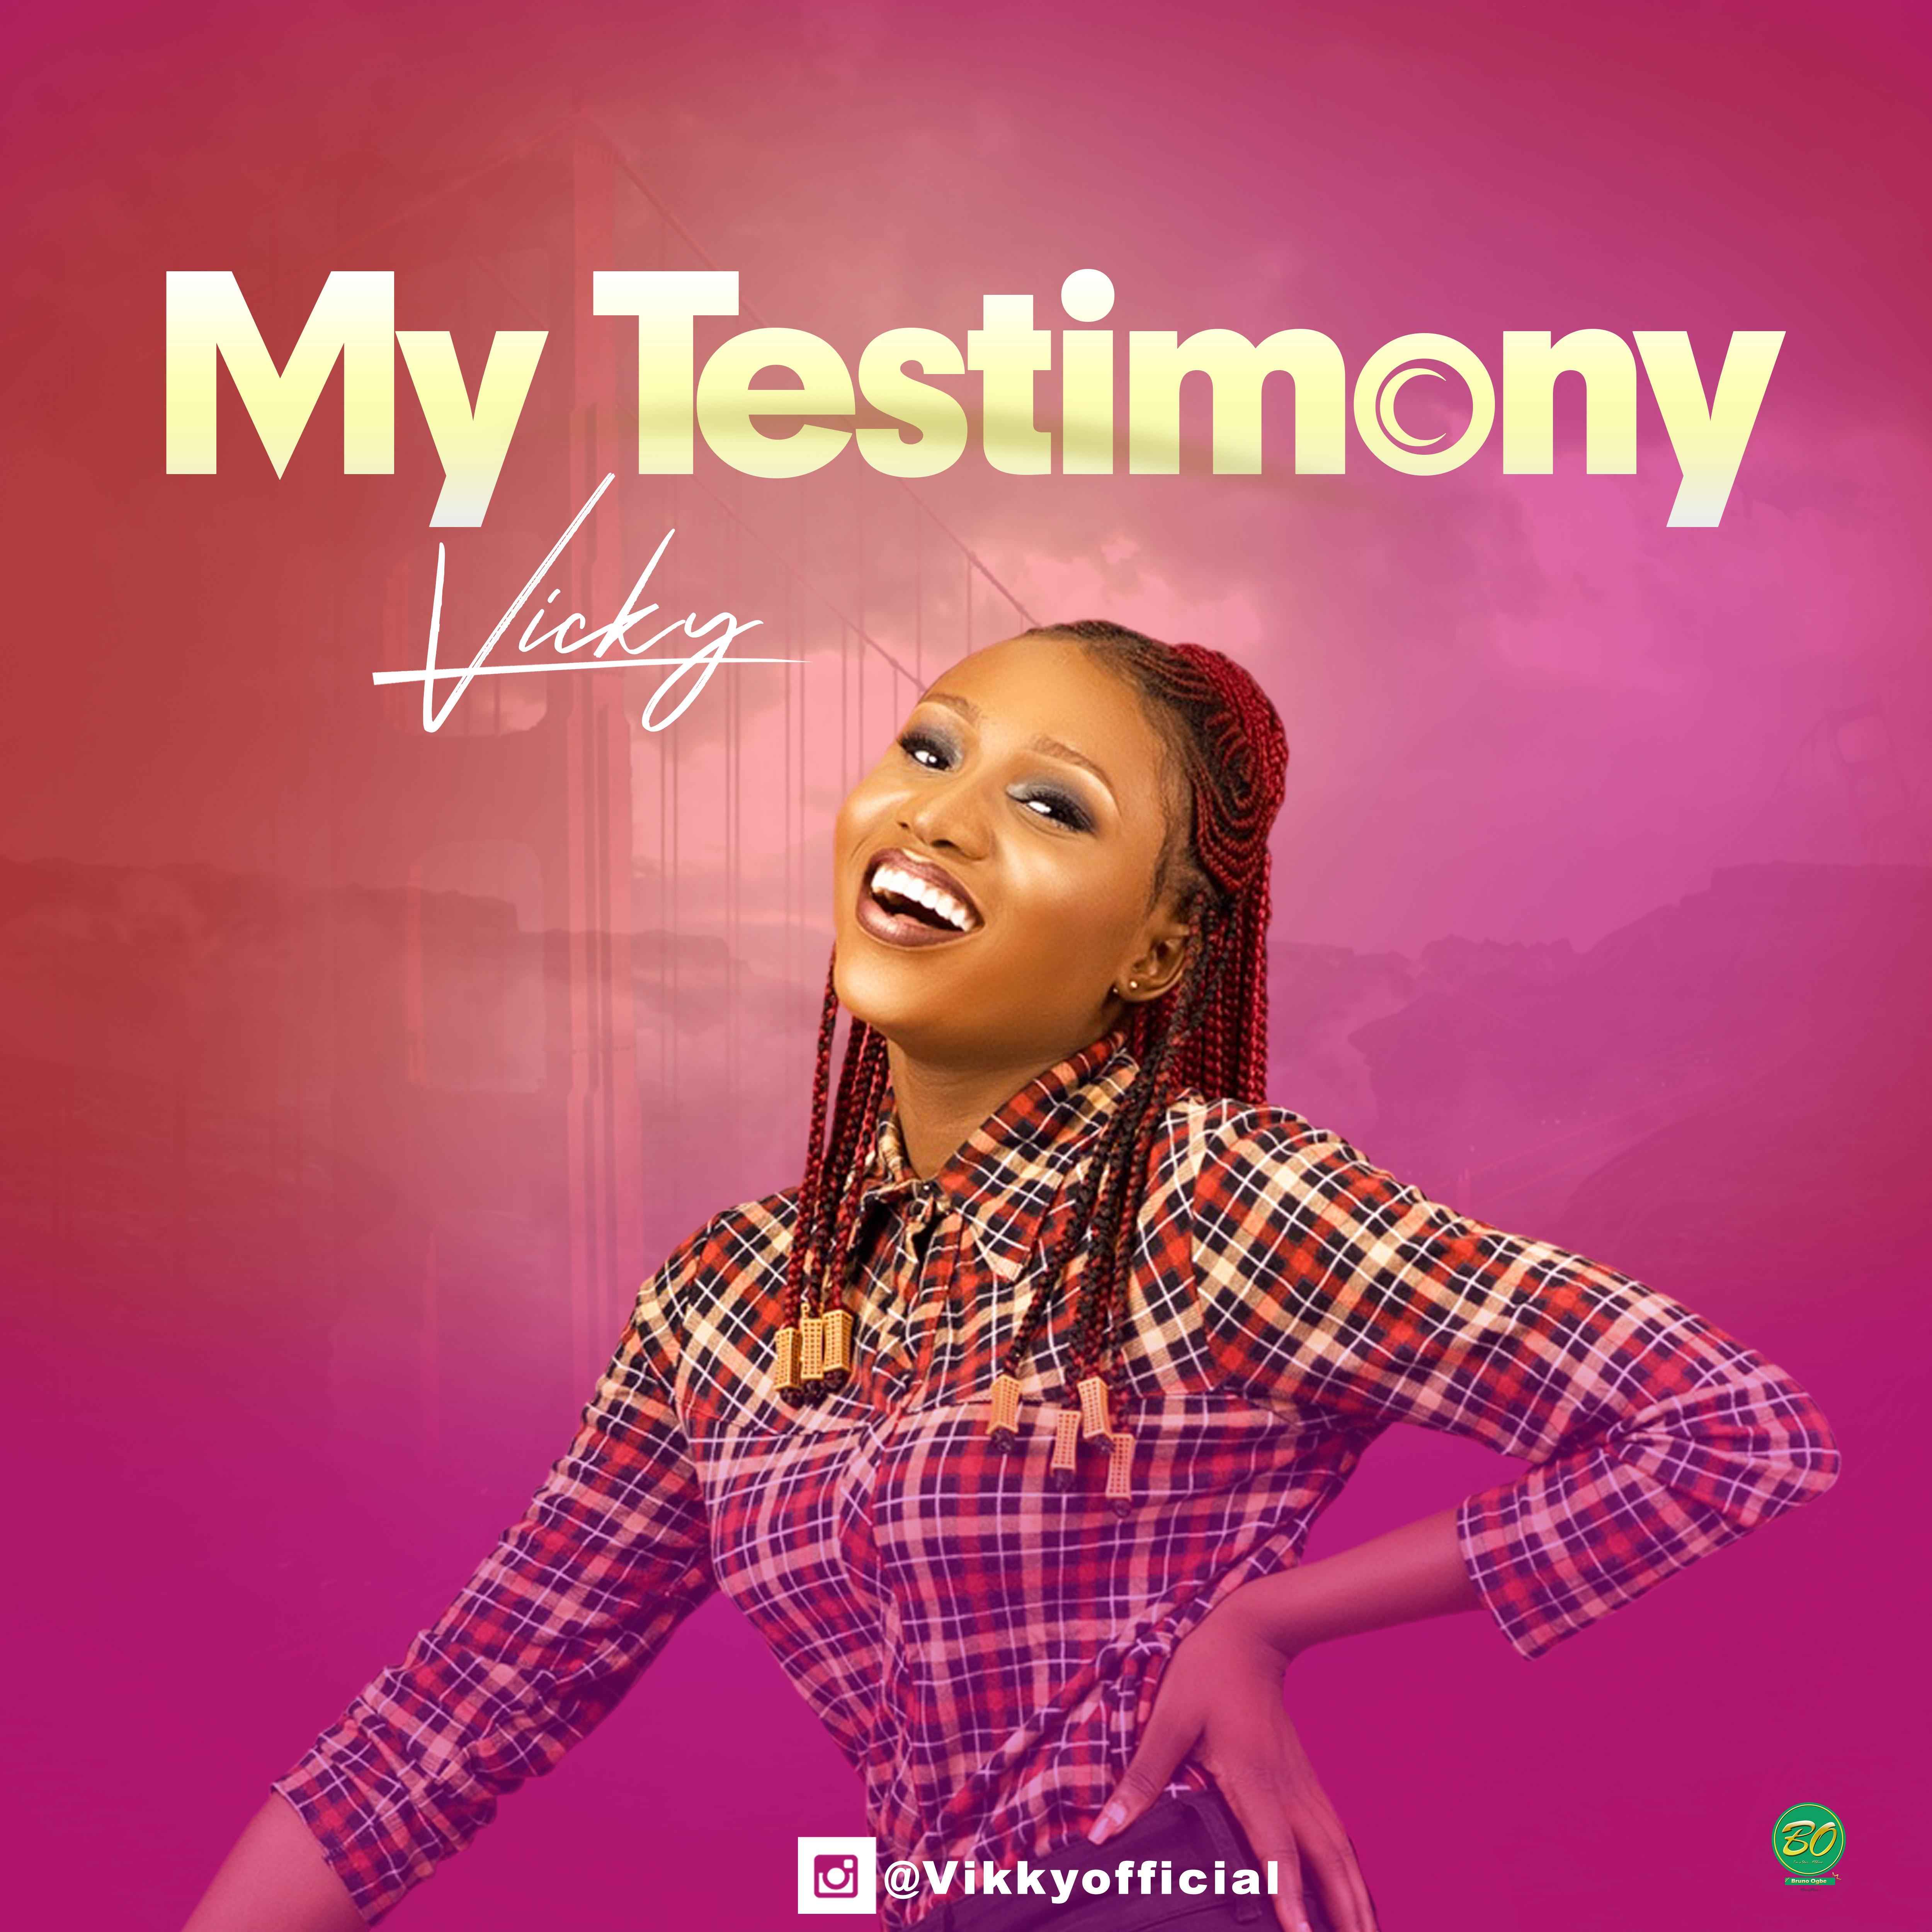 MY TESTIMONY - Vicky